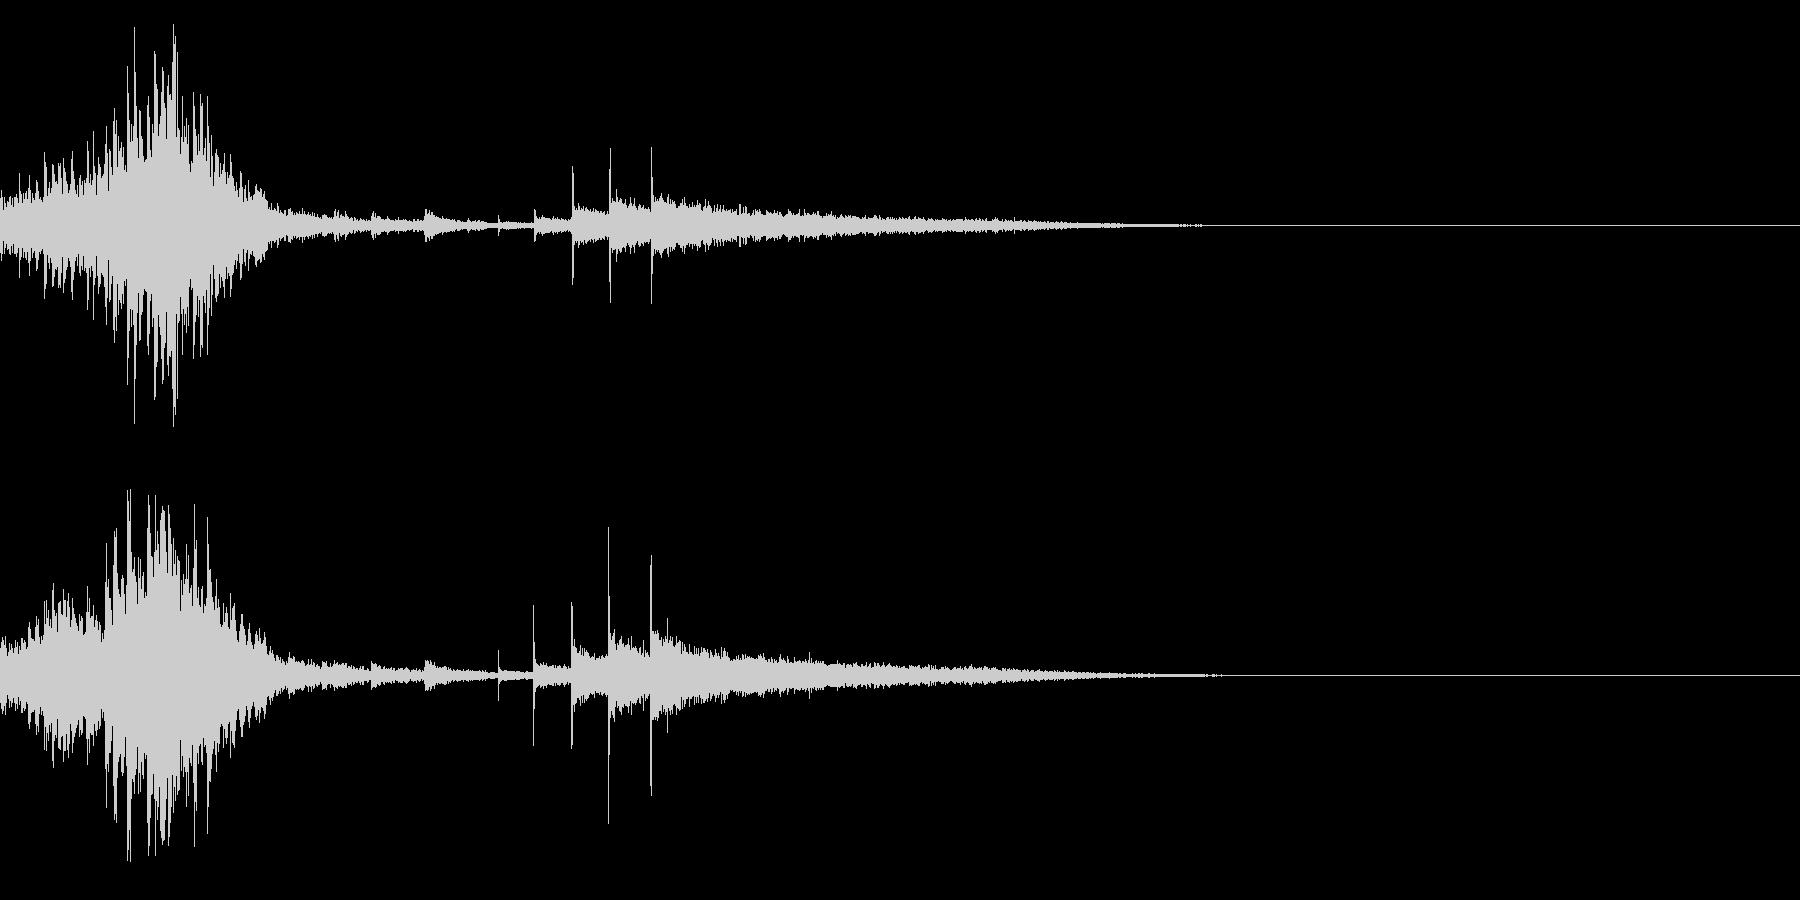 ダララララチンチンチン (ドラムロール)の未再生の波形